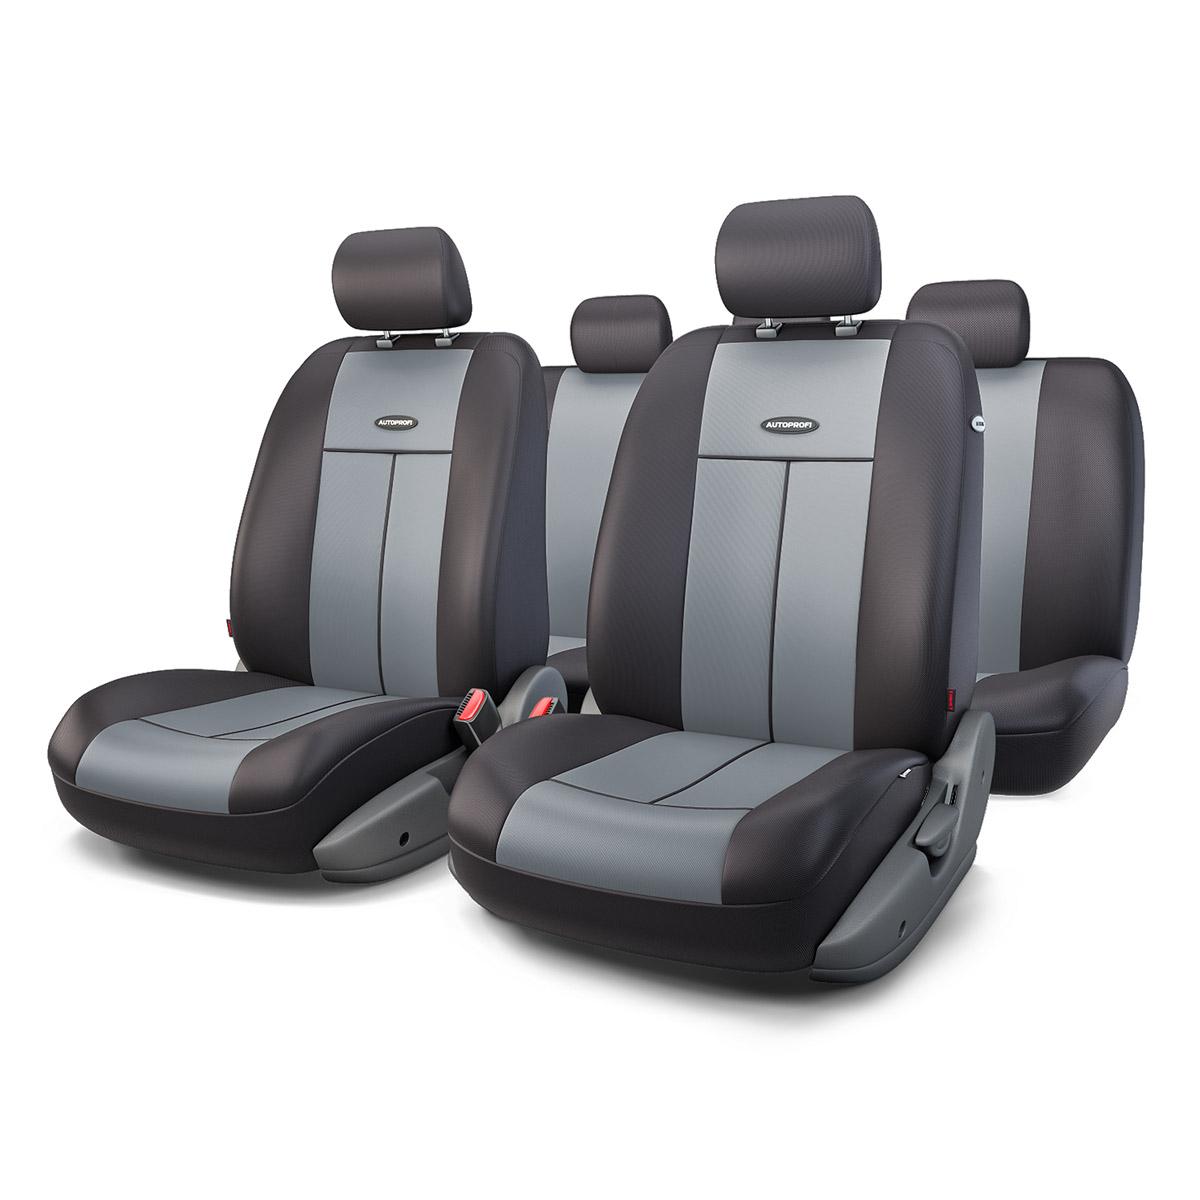 Чехол на сиденье Autoprofi Tt-902p bk/d.gy чехлы на сиденья autoprofi автомобильные чехлы tt tt 902m bk bl